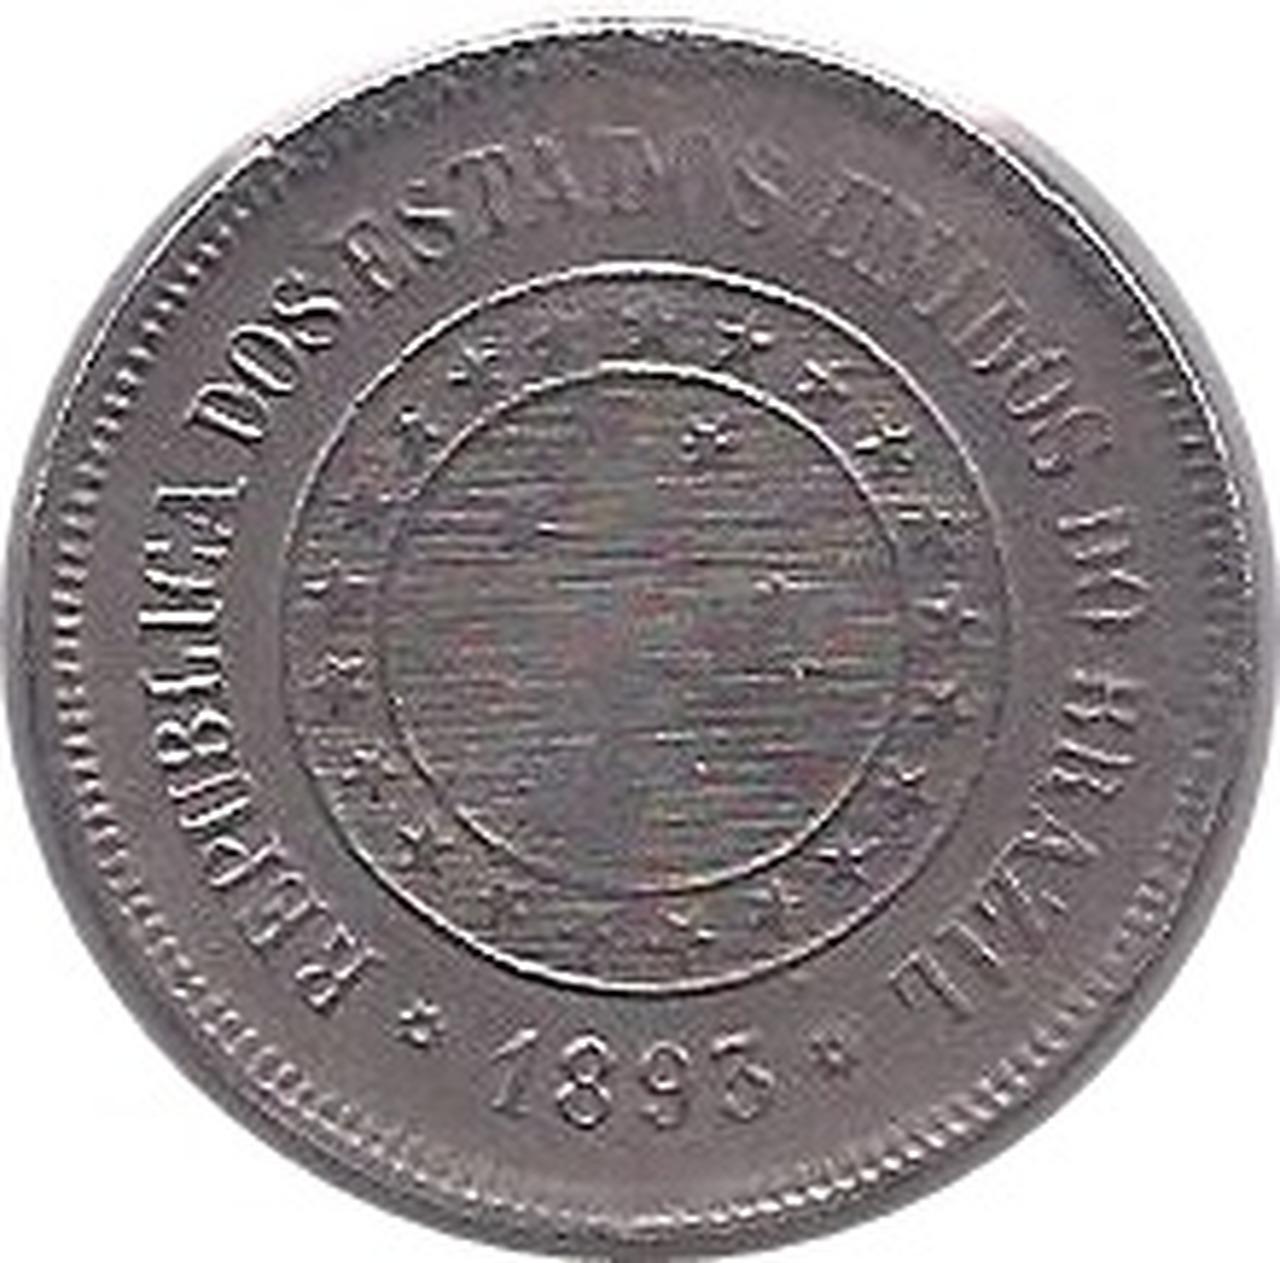 Moeda 100 Réis v.037 ano de 1893.